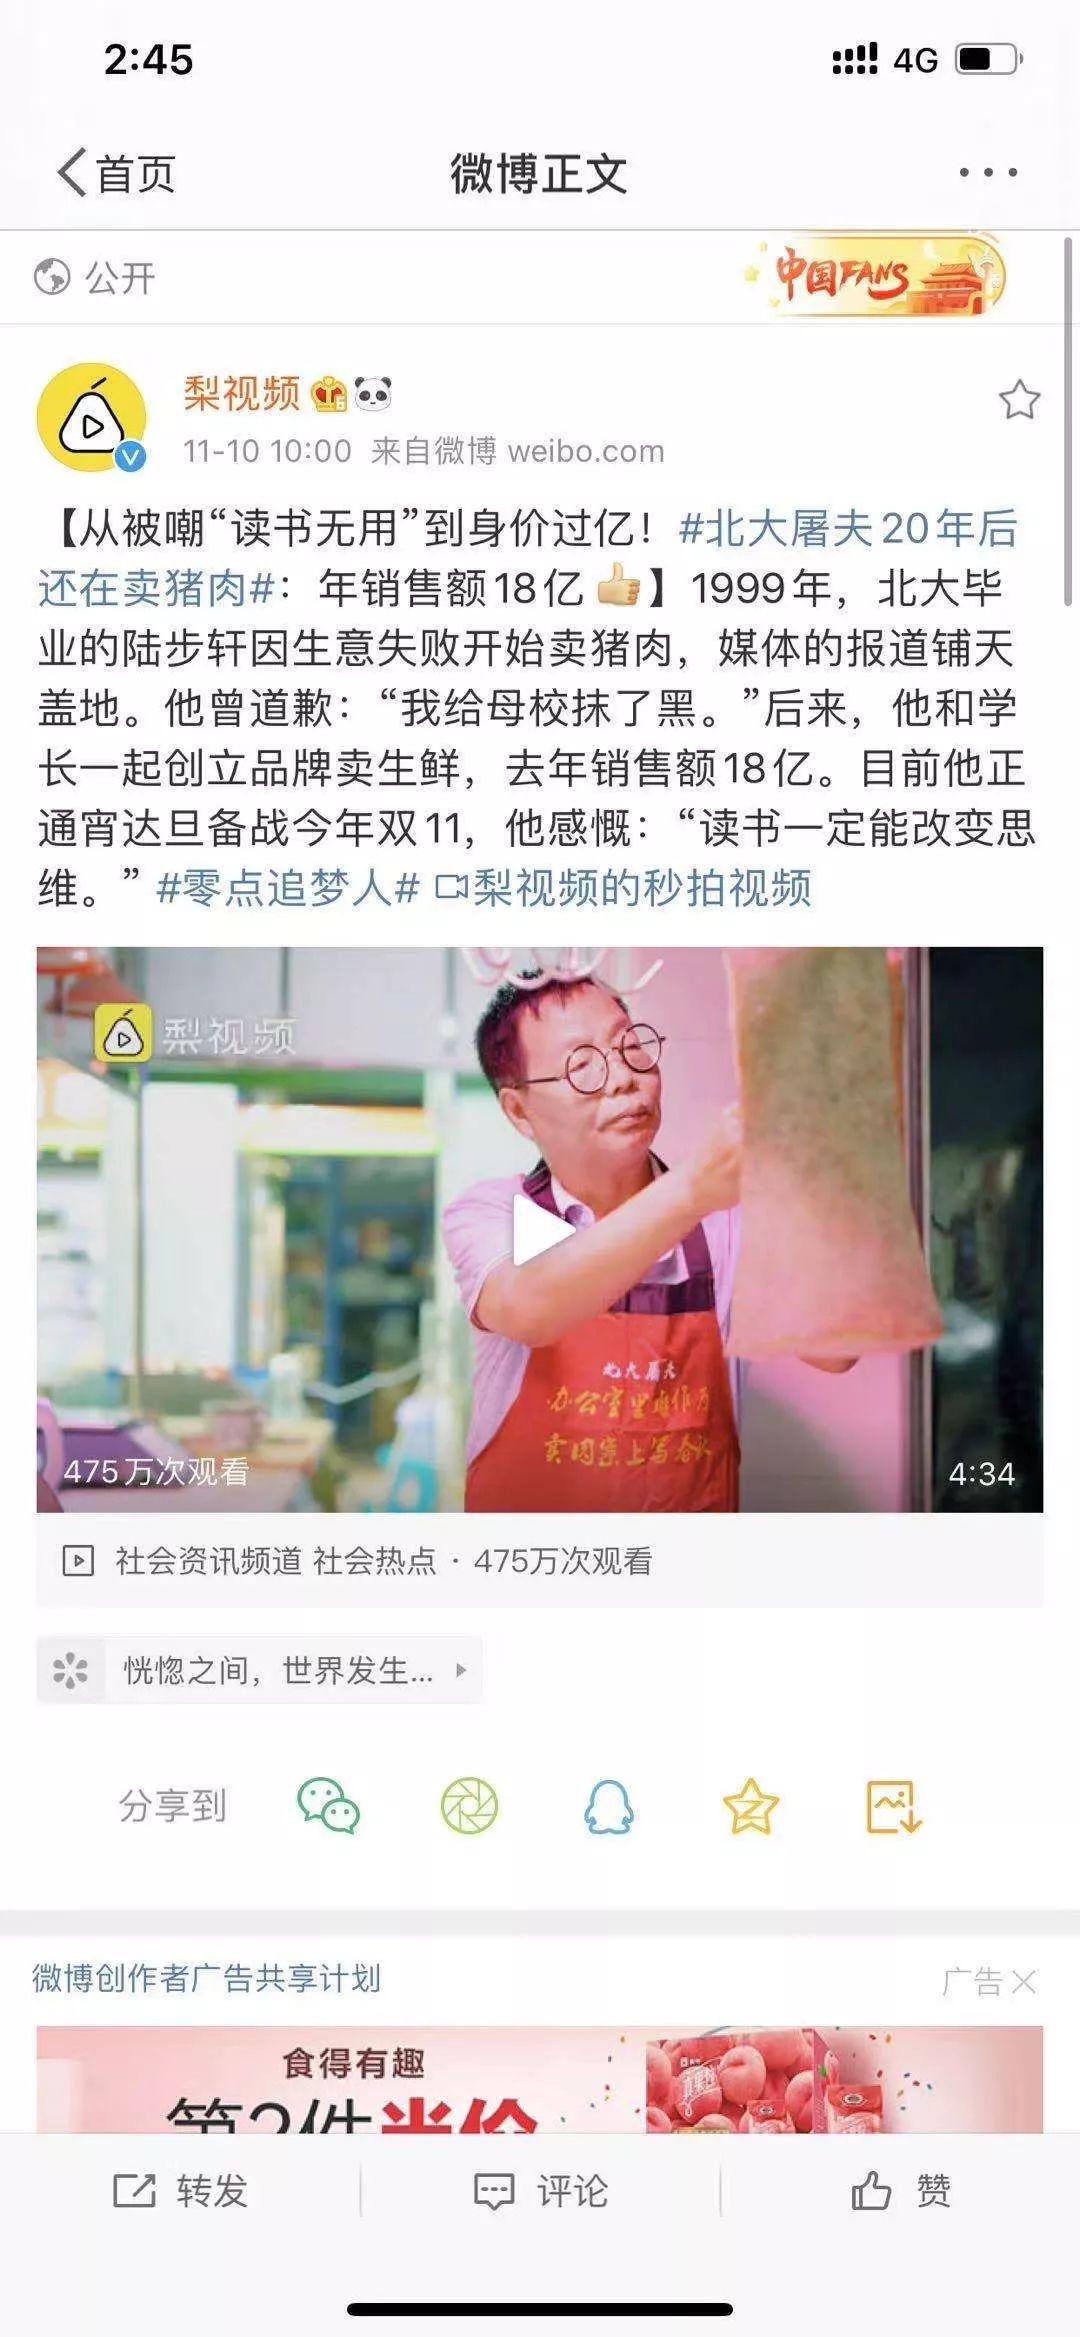 「合胜国际网」《三国志14》追加武将李乐介绍 留下残暴行径的叛徒